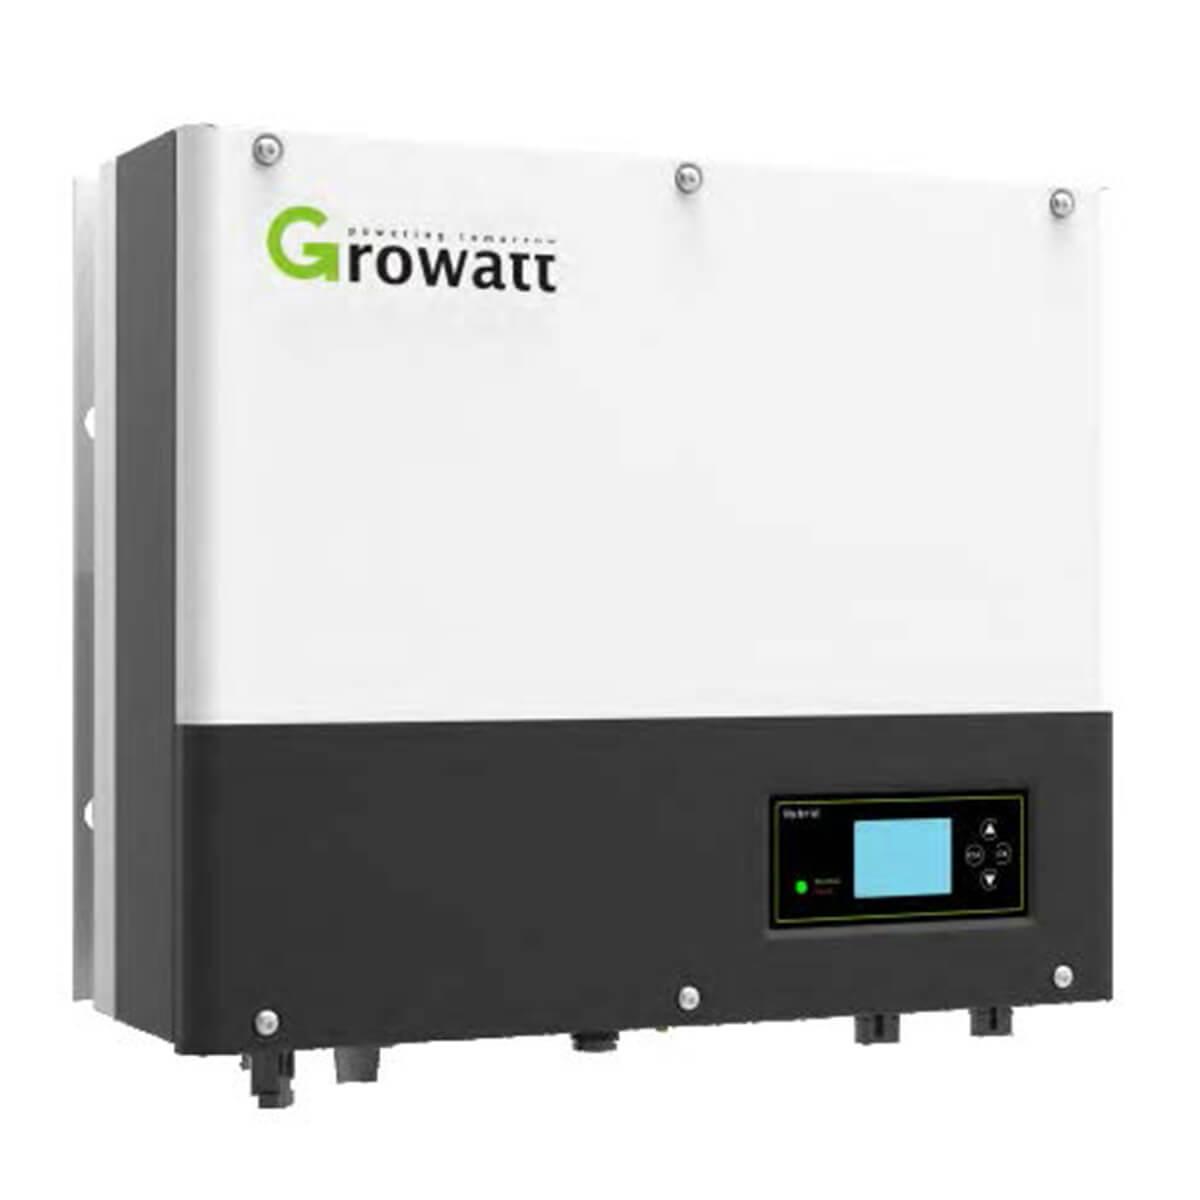 growatt 10kW hibrit inverter, growatt spa 10kW hibrit inverter, growatt spa 10000tl3 bh hibrit inverter, growatt spa 10000tl3 bh, growatt spa 10 kW, GROWATT 10 kW